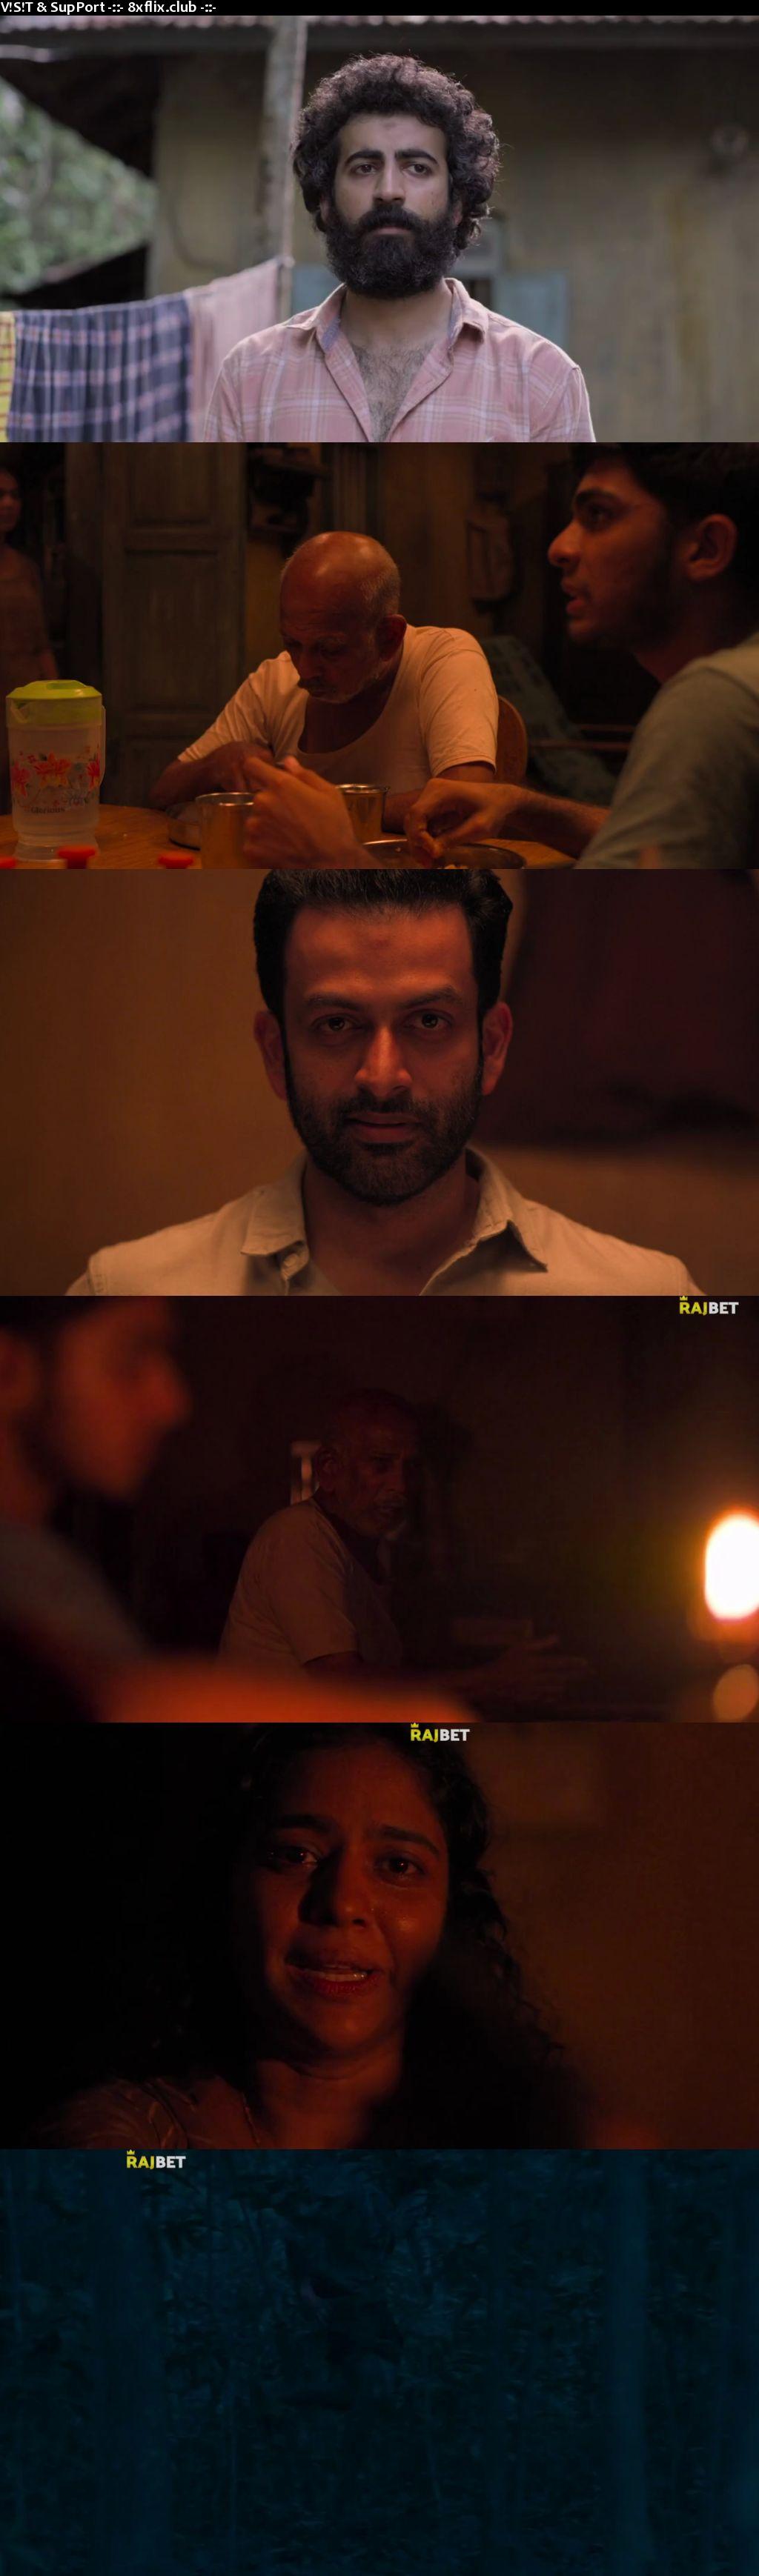 Kuruthi 2021 Full Movie Hindi Dubbed 720p 480p HDRip